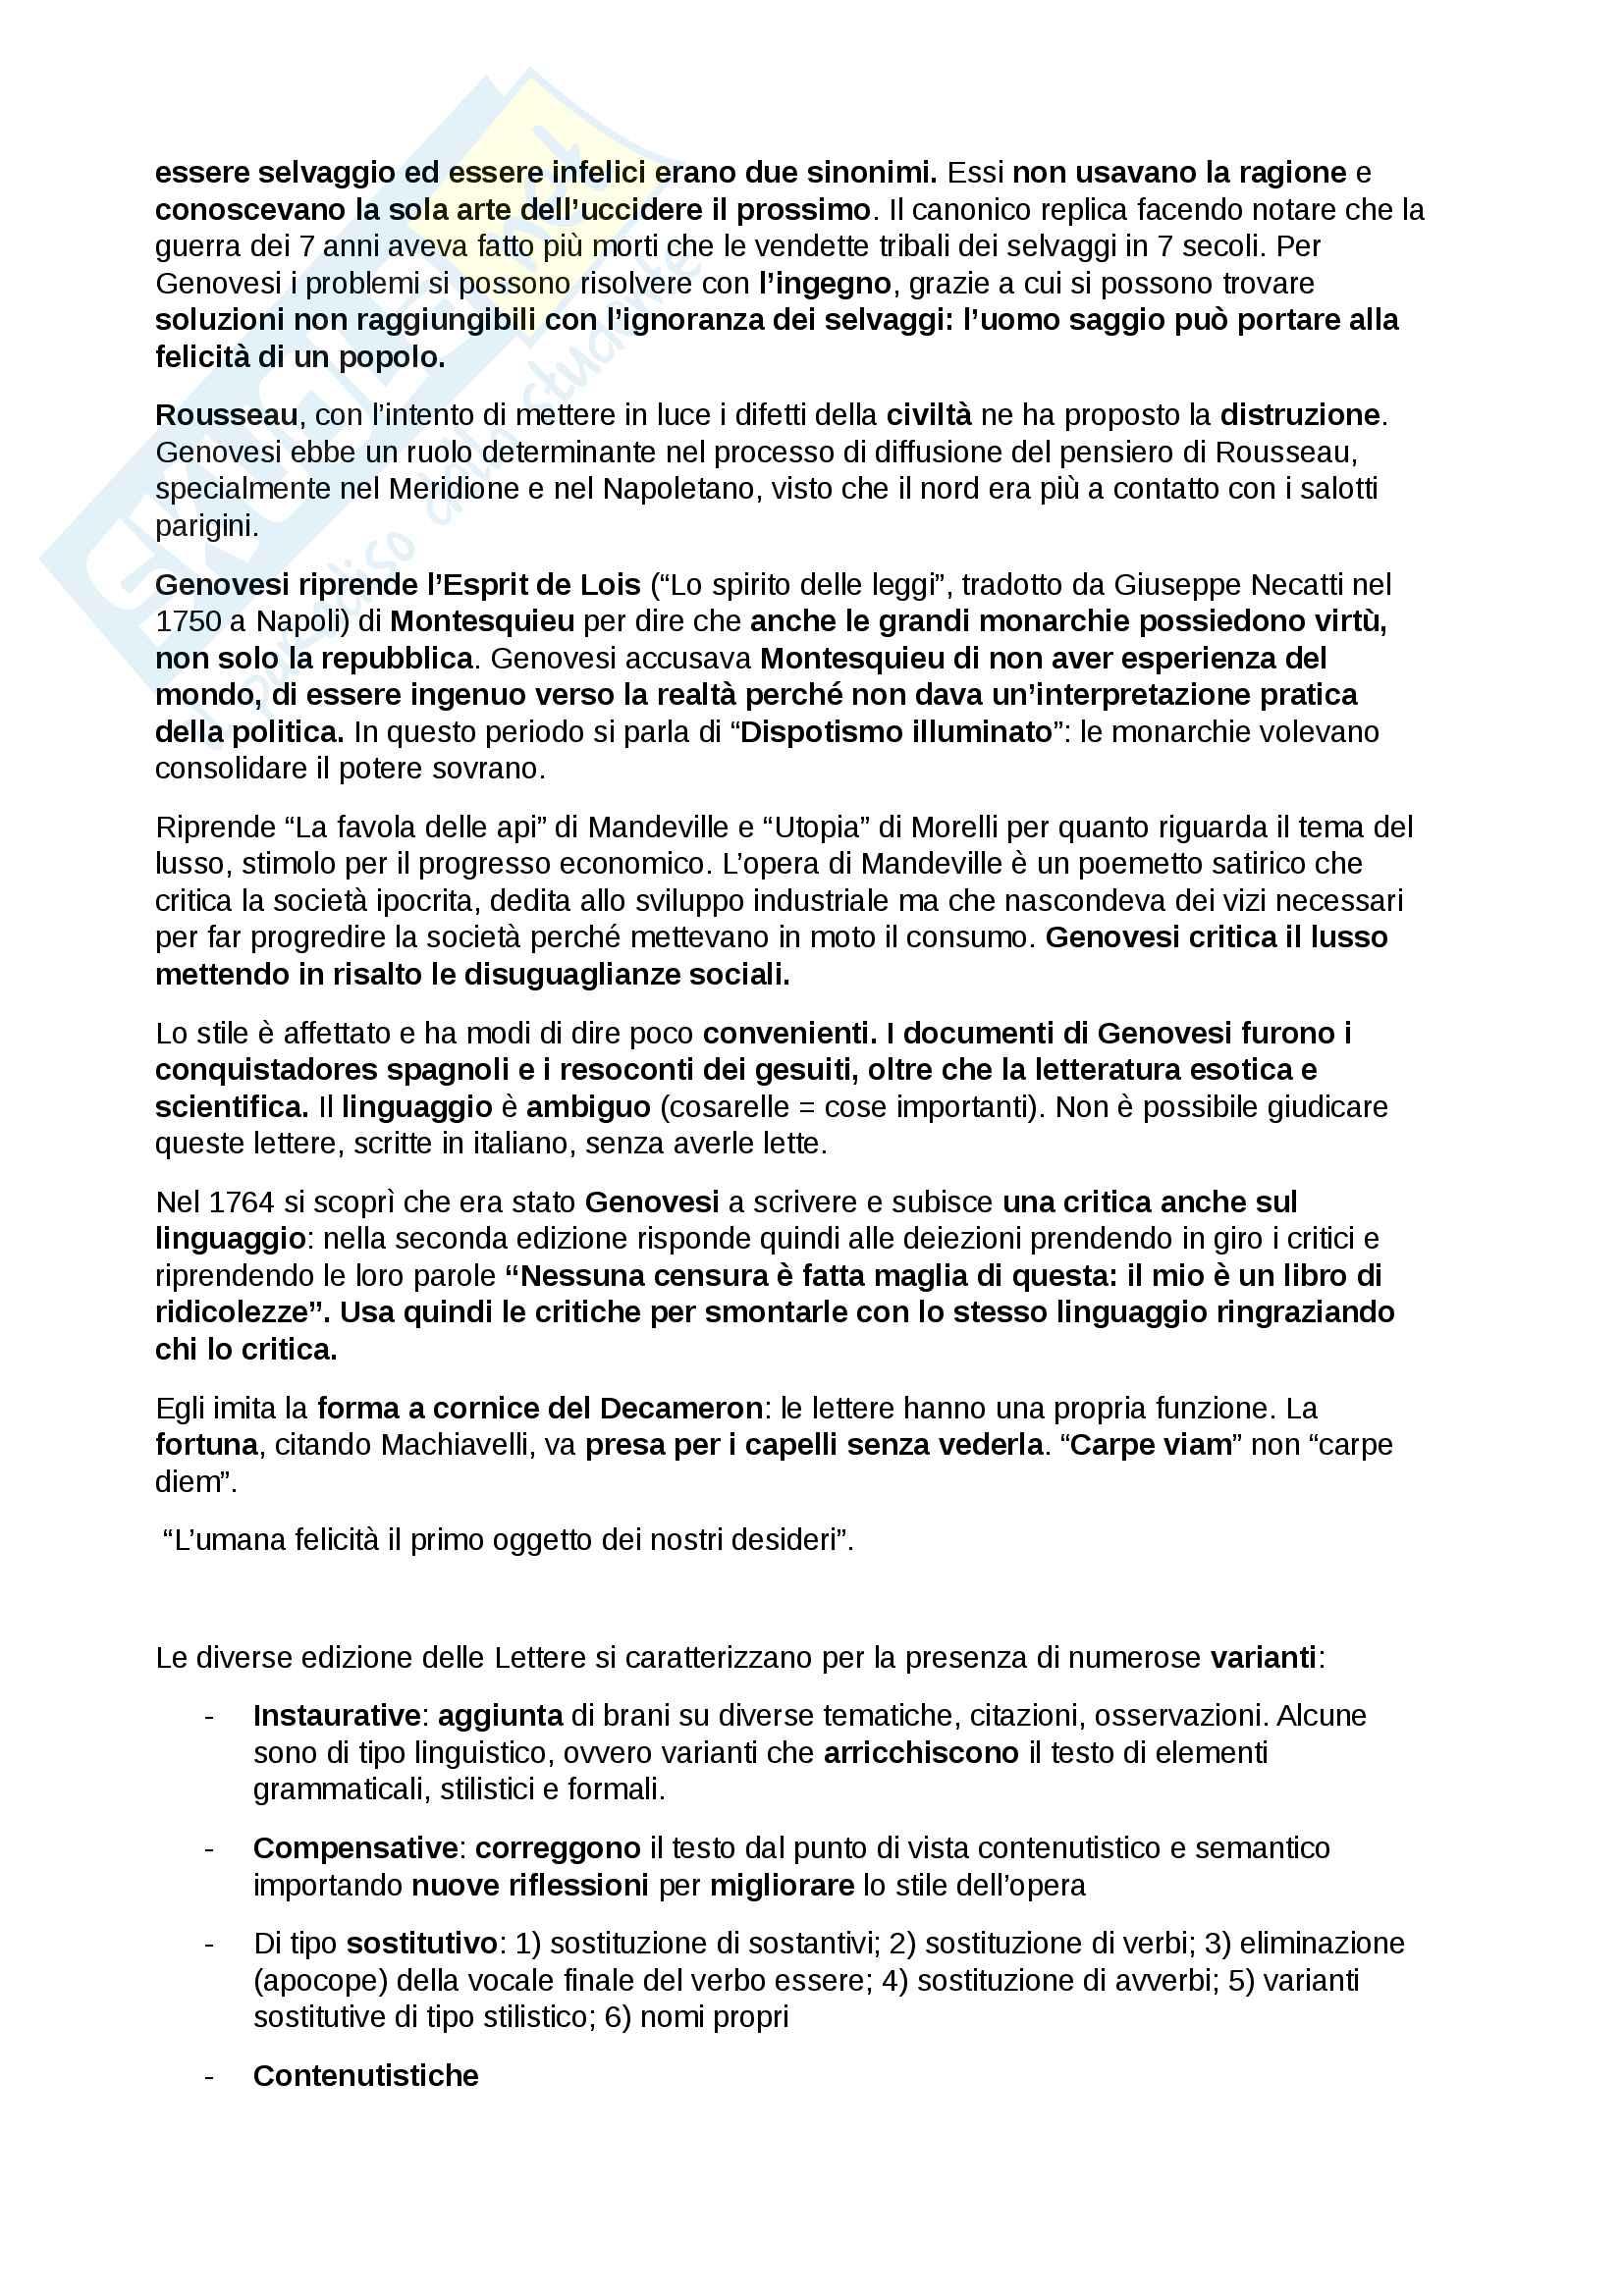 """Riassunto esame Letteratura Italiana, docente D'Antuono, libri consigliati """"Lettere"""" e il """"Discorso"""" di Antonio Genovesi Pag. 16"""